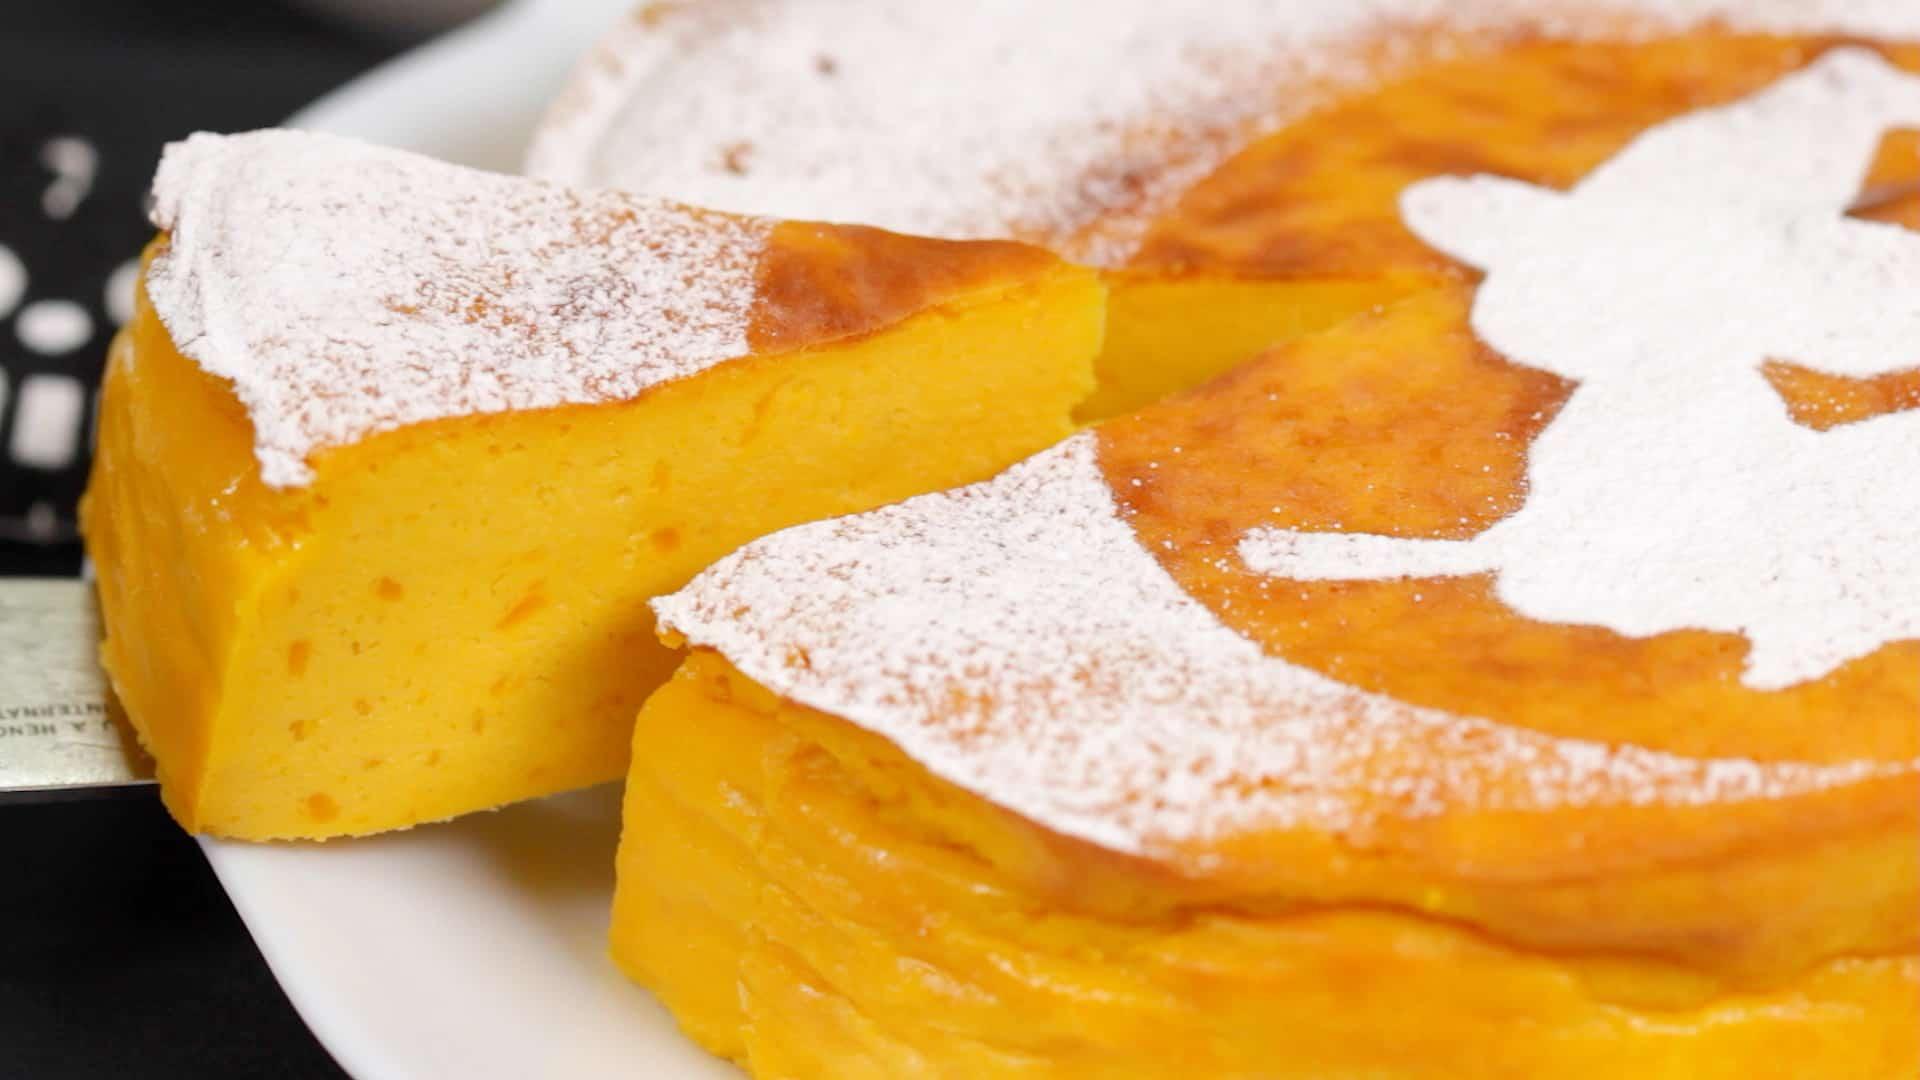 パンプキンチーズケーキの作り方 ハロウィンにぴったりの絶品デザートレシピ